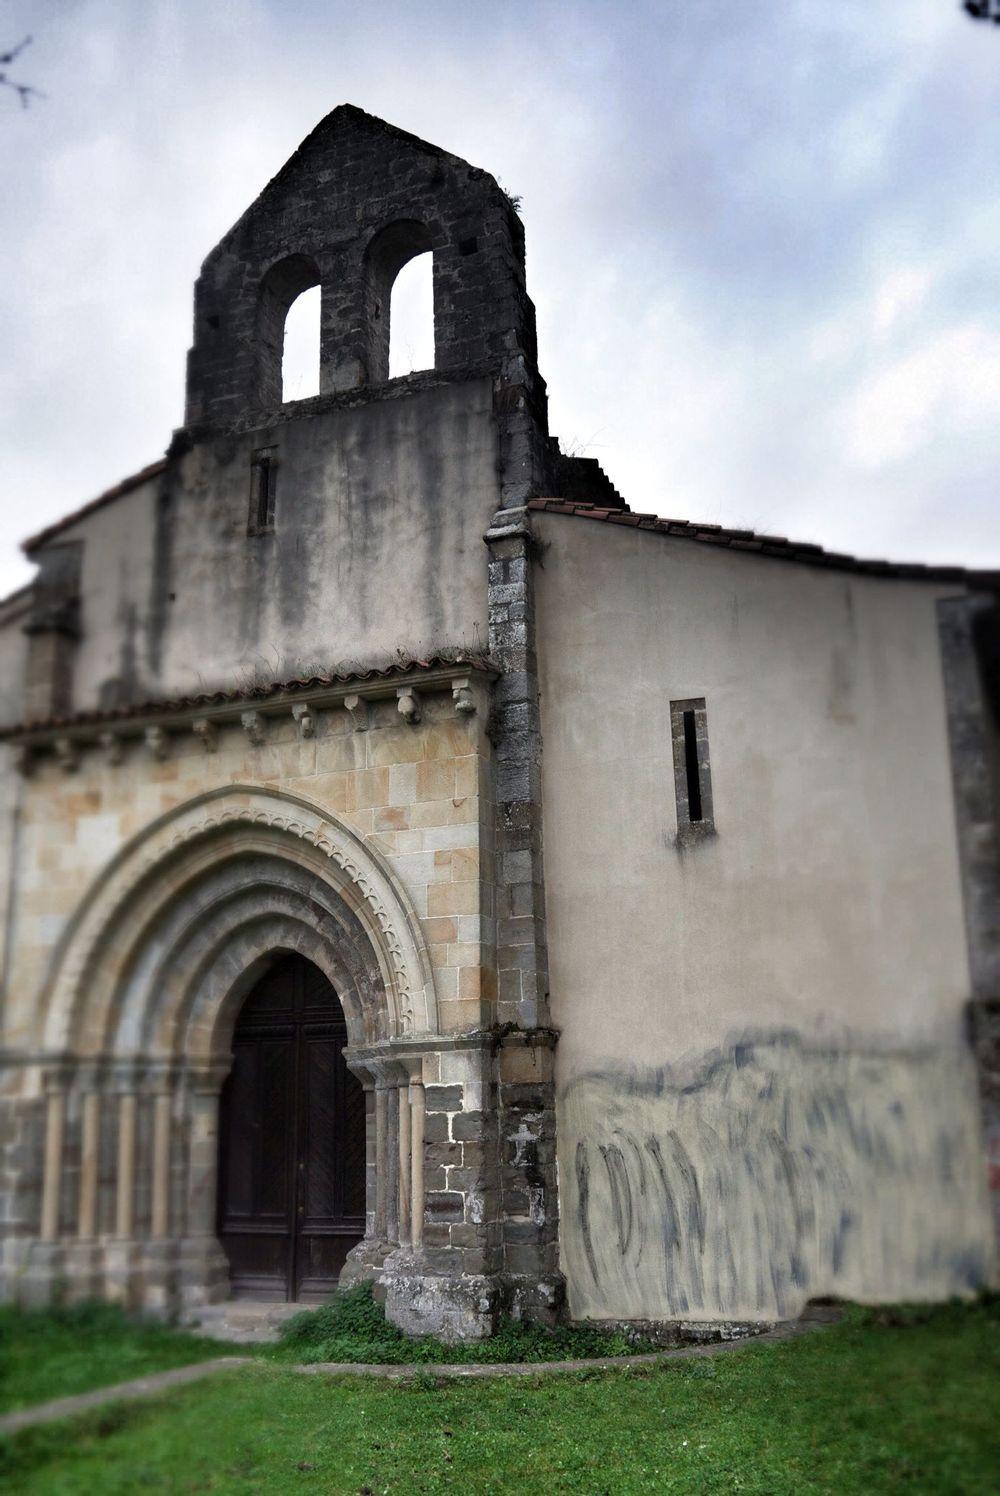 The ruined church of the Monasterio de San Antolin de Bedon